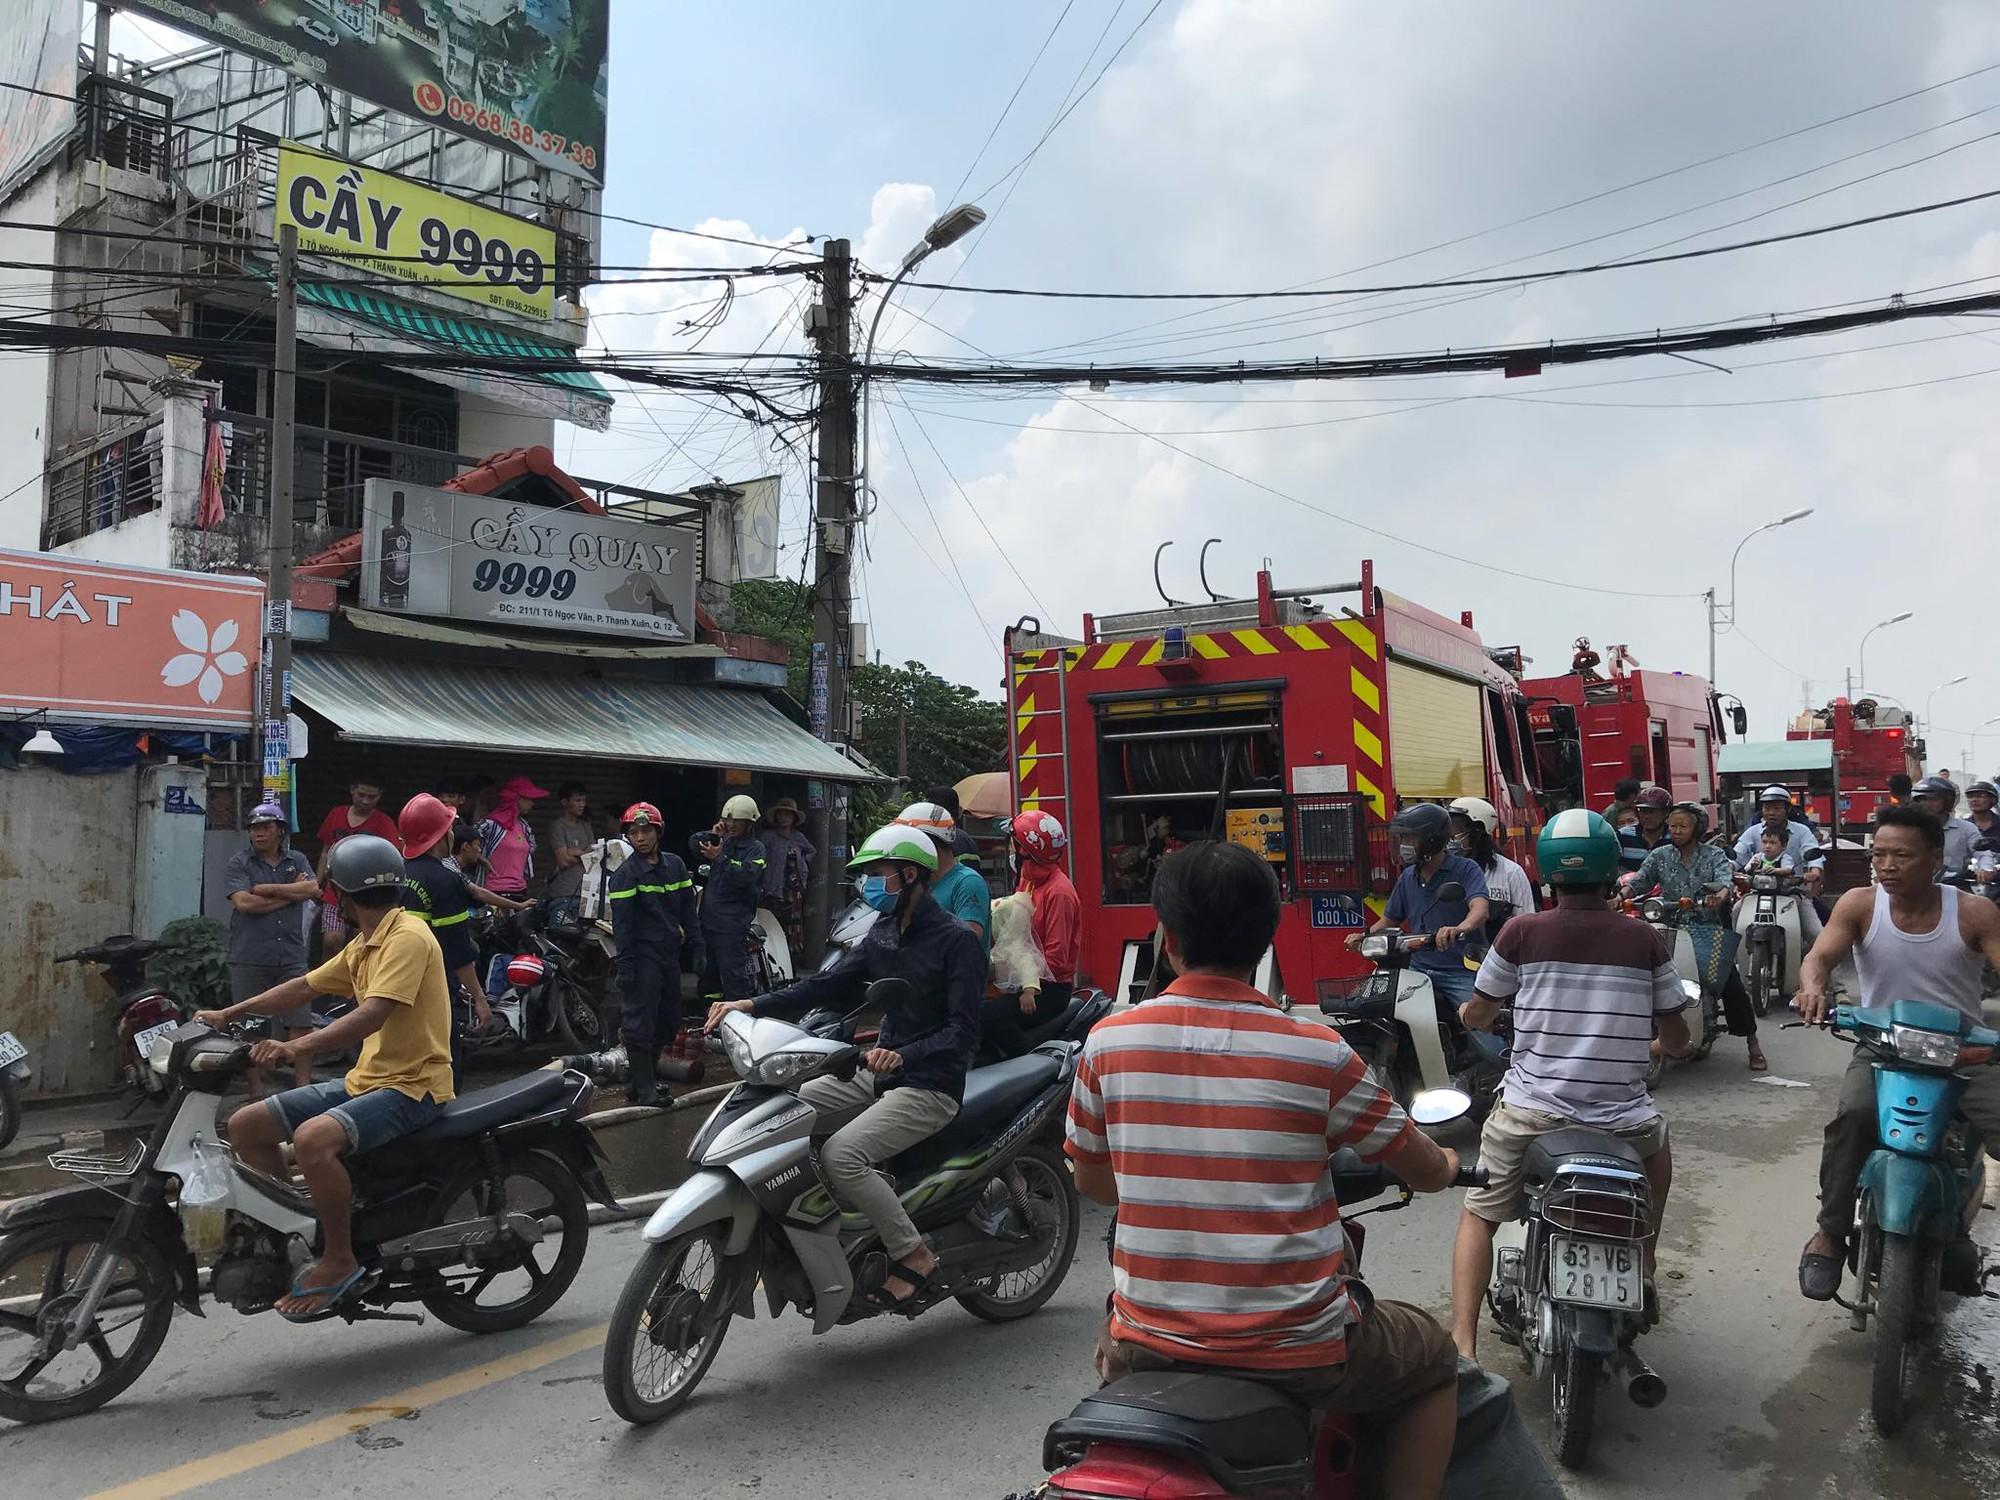 Khói lửa bao trùm cơ sở thu mua ve chai cạnh dãy nhà trọ ở Sài Gòn, hàng chục người bỏ chạy tán loạn - Ảnh 2.